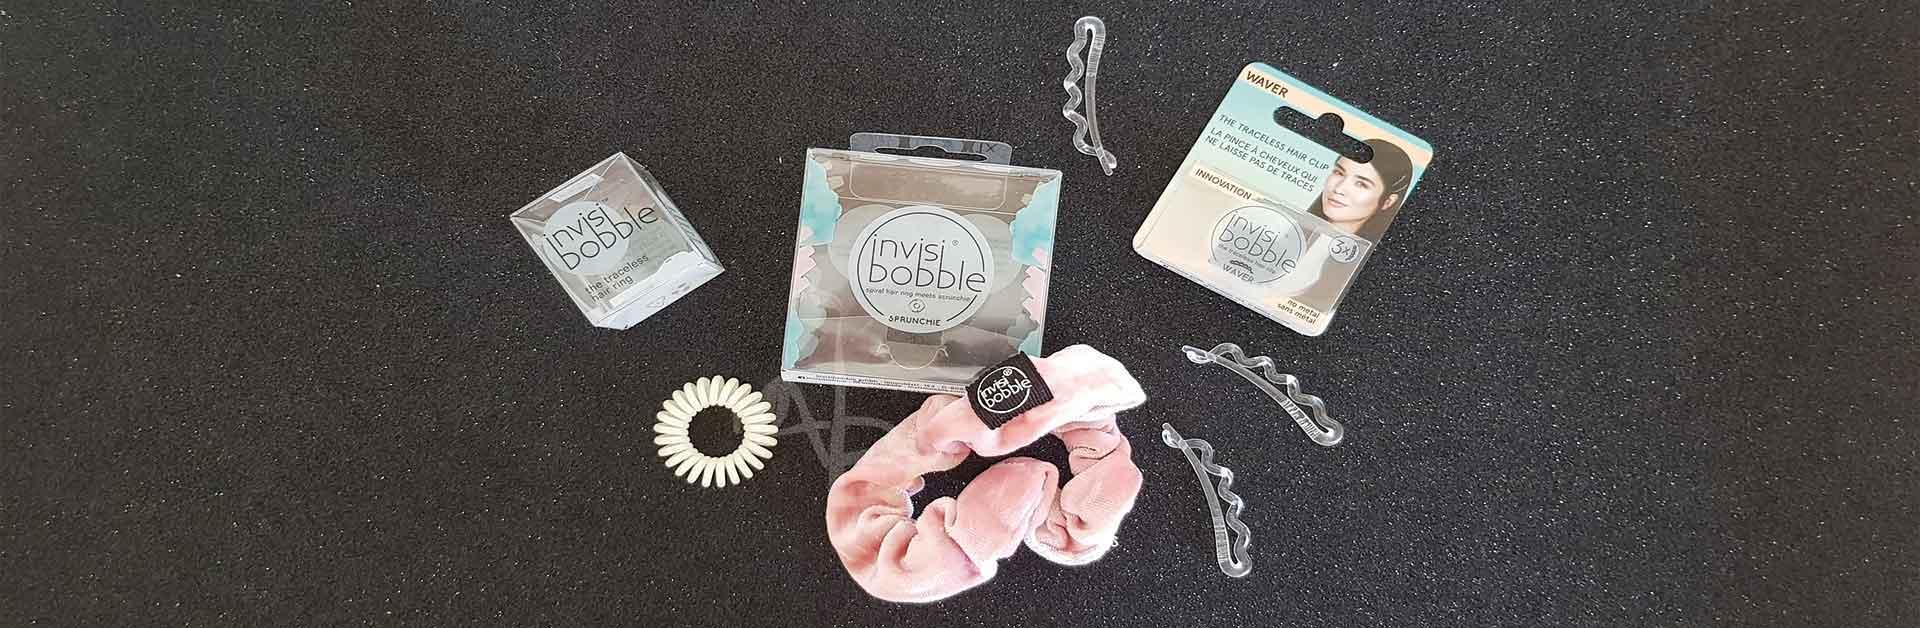 Copertina accessori per capelli Invisibobble